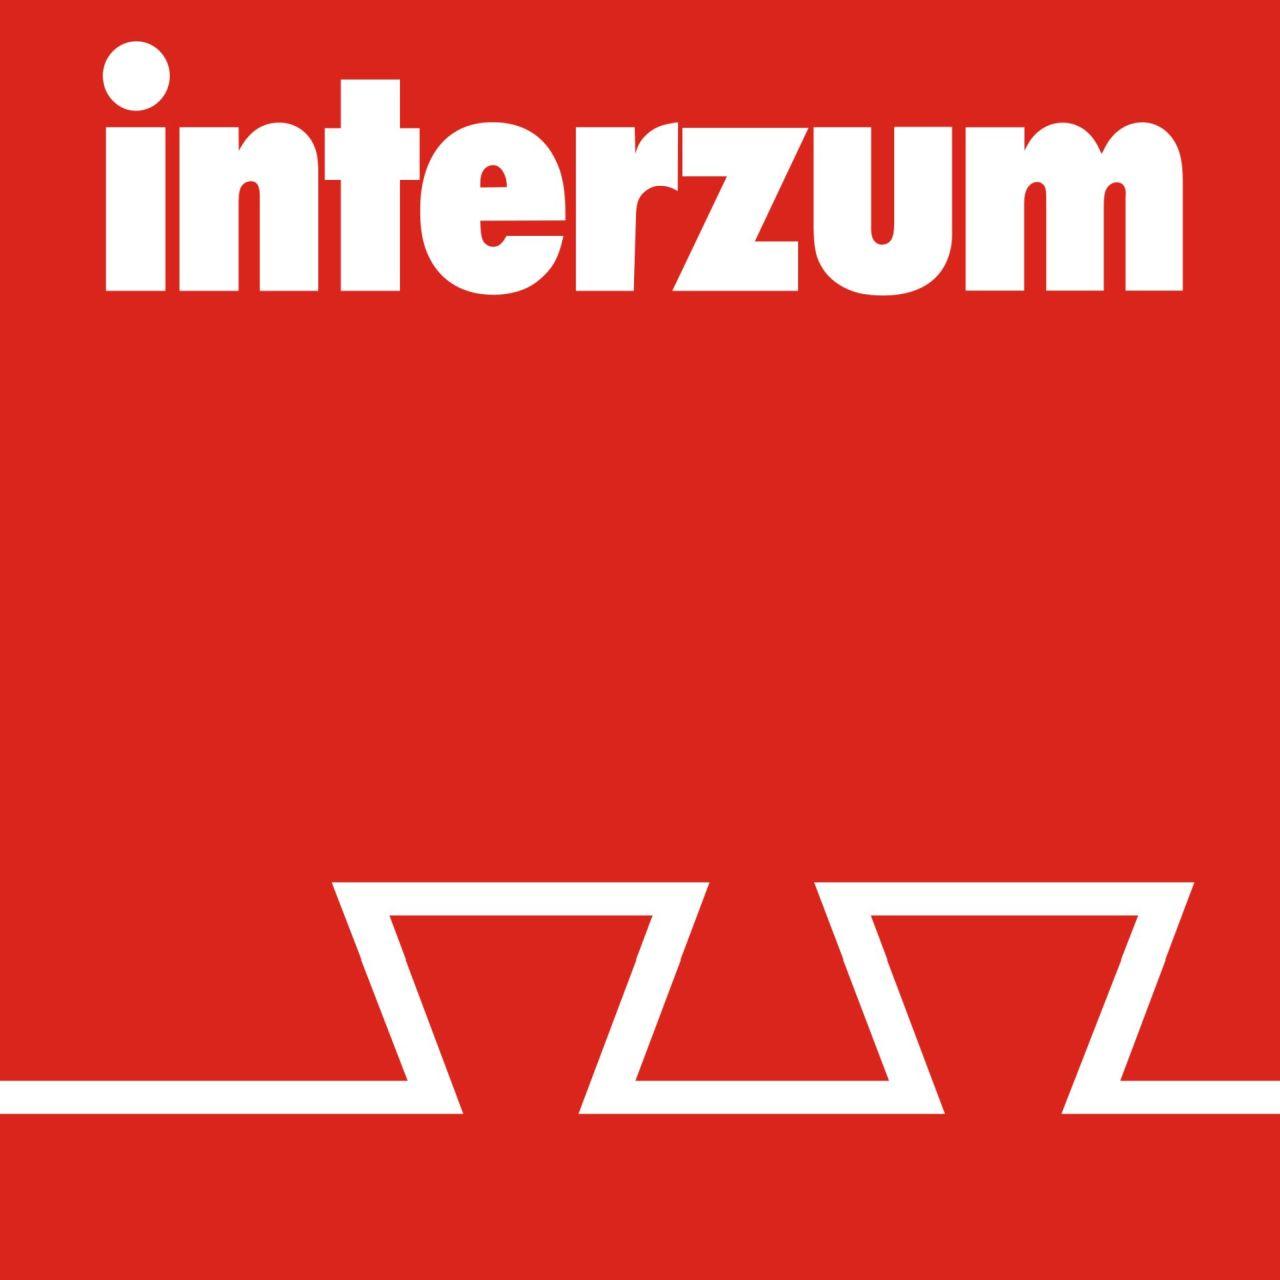 InterzumLogo1280.jpg